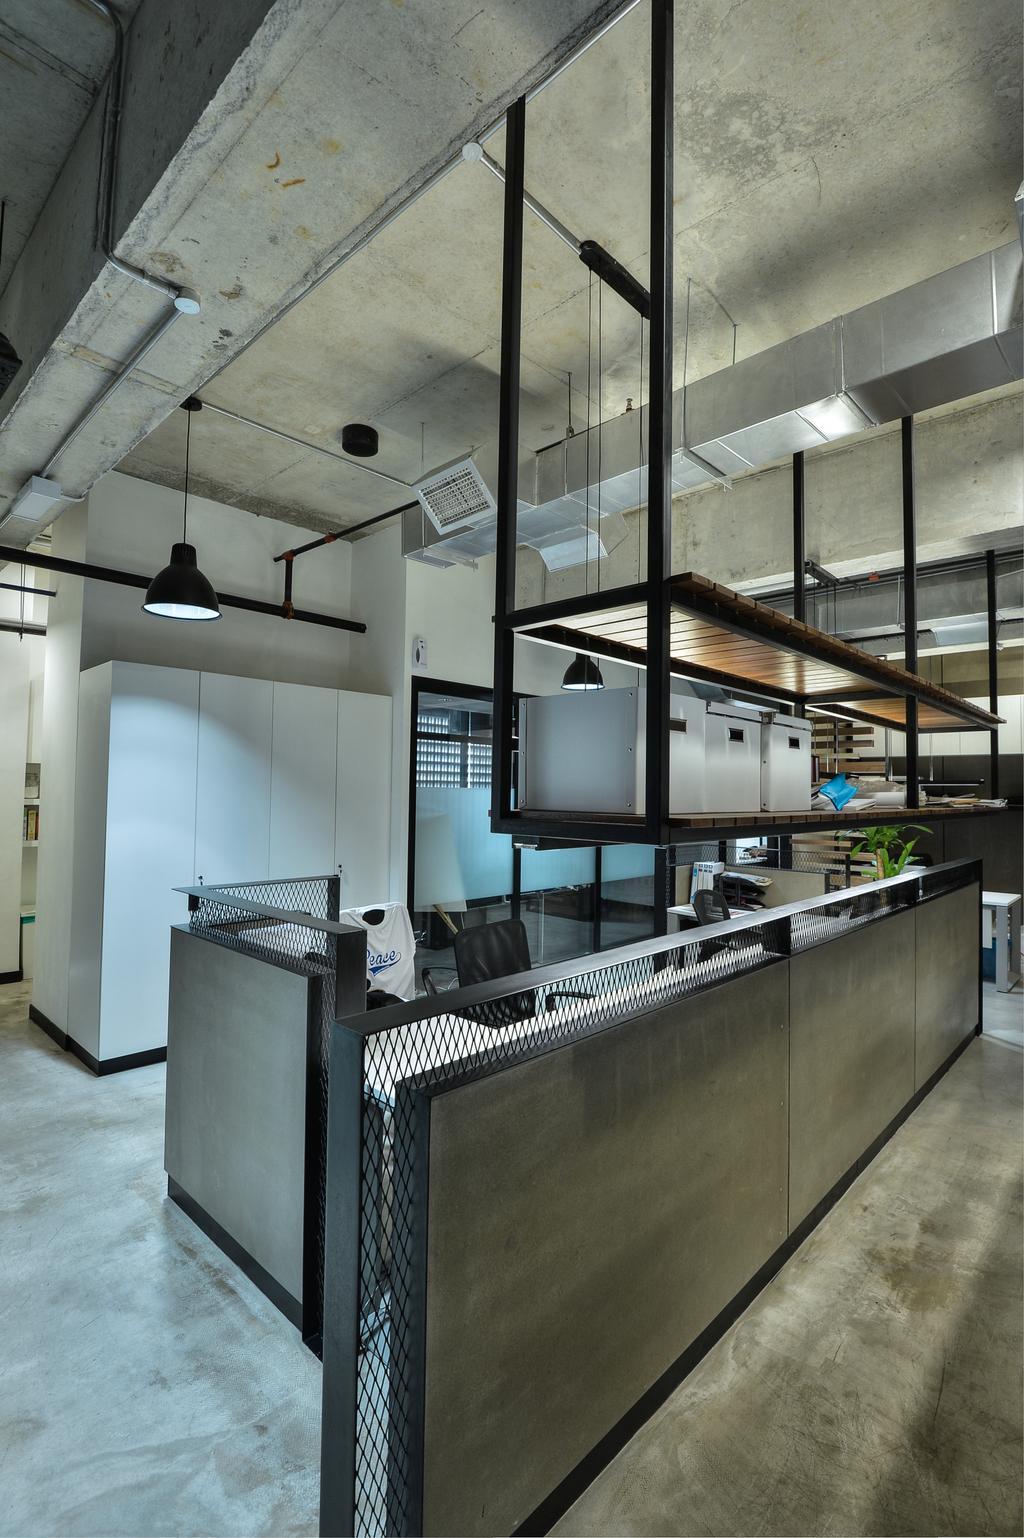 PJ Trade Centre, Damansara Utama, Commercial, Interior Designer, SQFT Space Design Management, Industrial, Minimalistic, Contemporary, Apartment, Building, Housing, Indoors, Loft